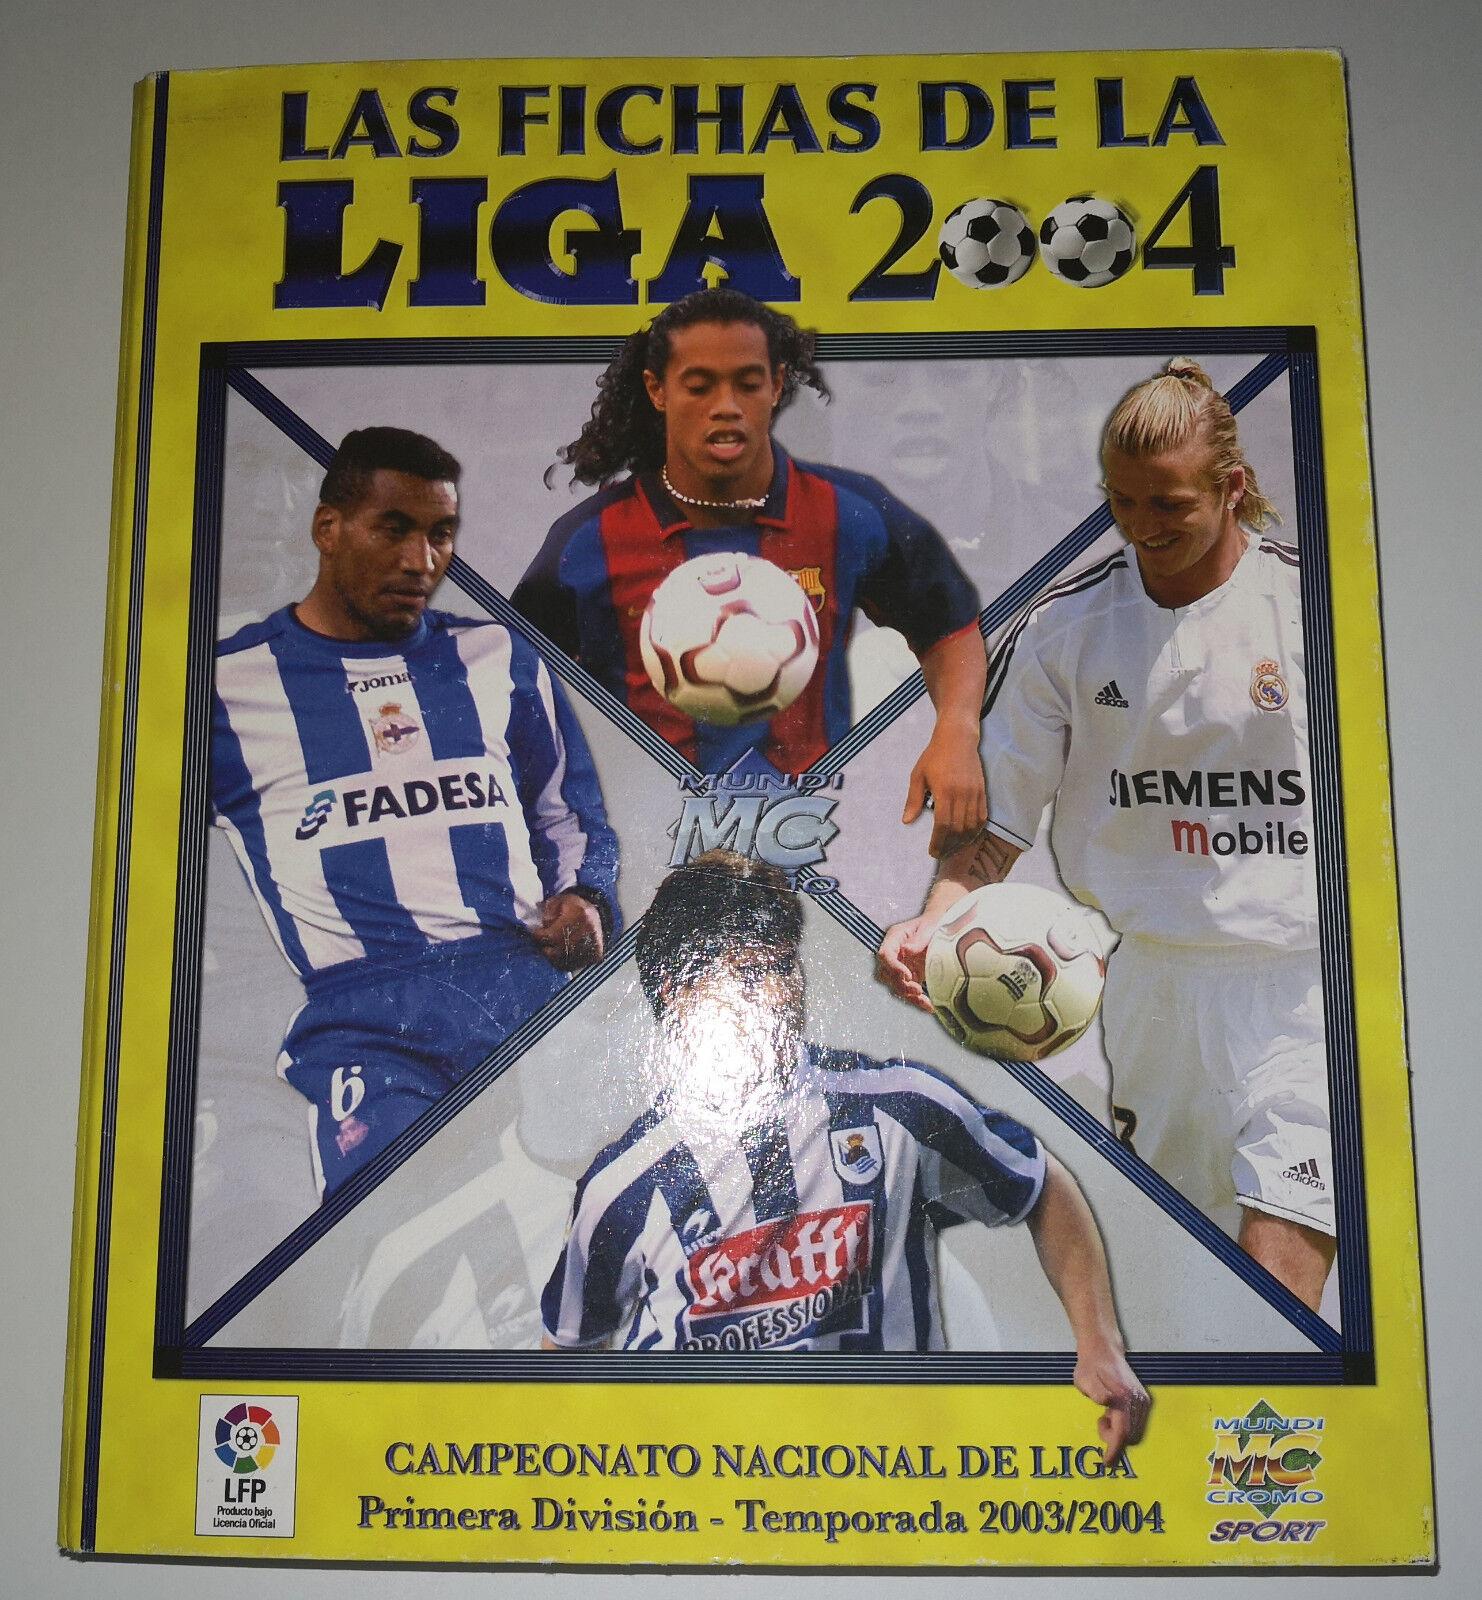 LAS FICHAS DE LA LIGA 2004 COMPLETA